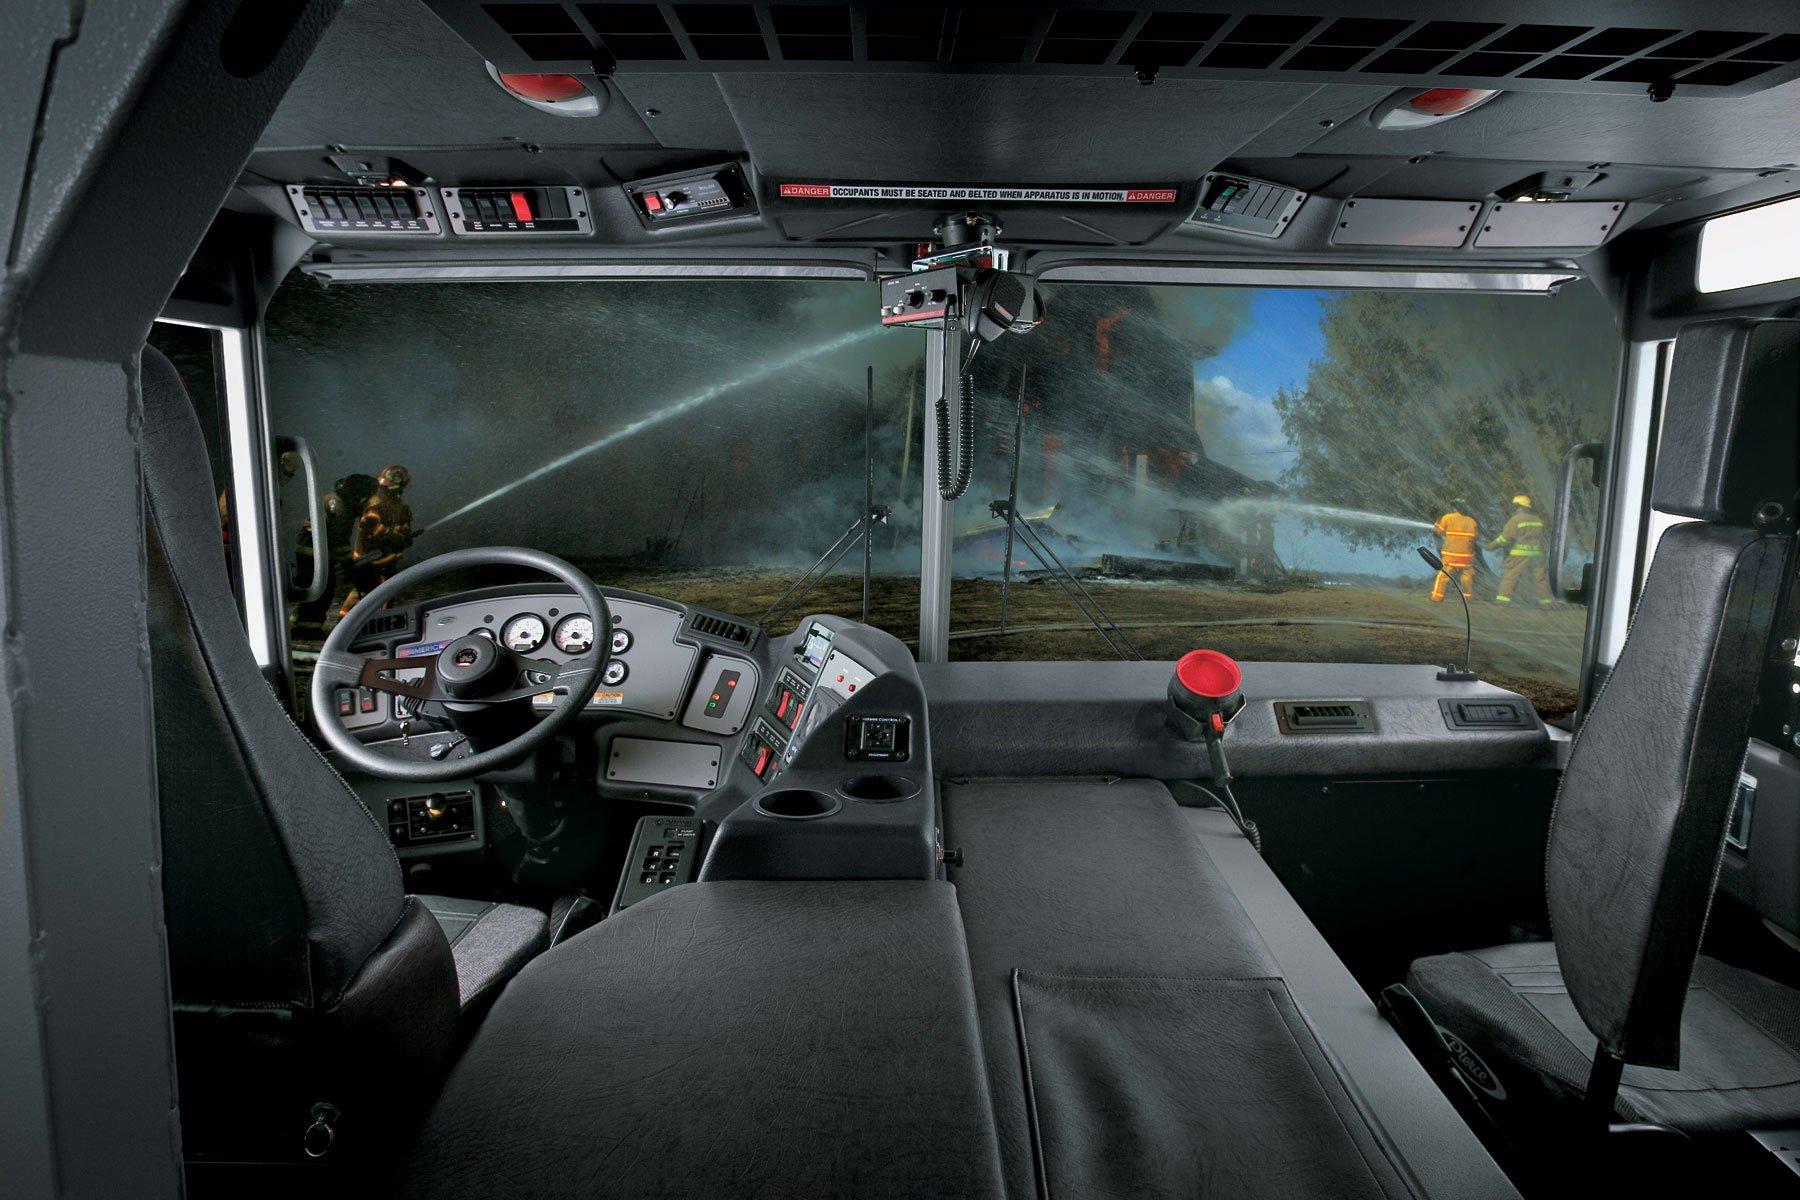 Pierce Quantum Custom Fire Truck Chassis Cab Interior